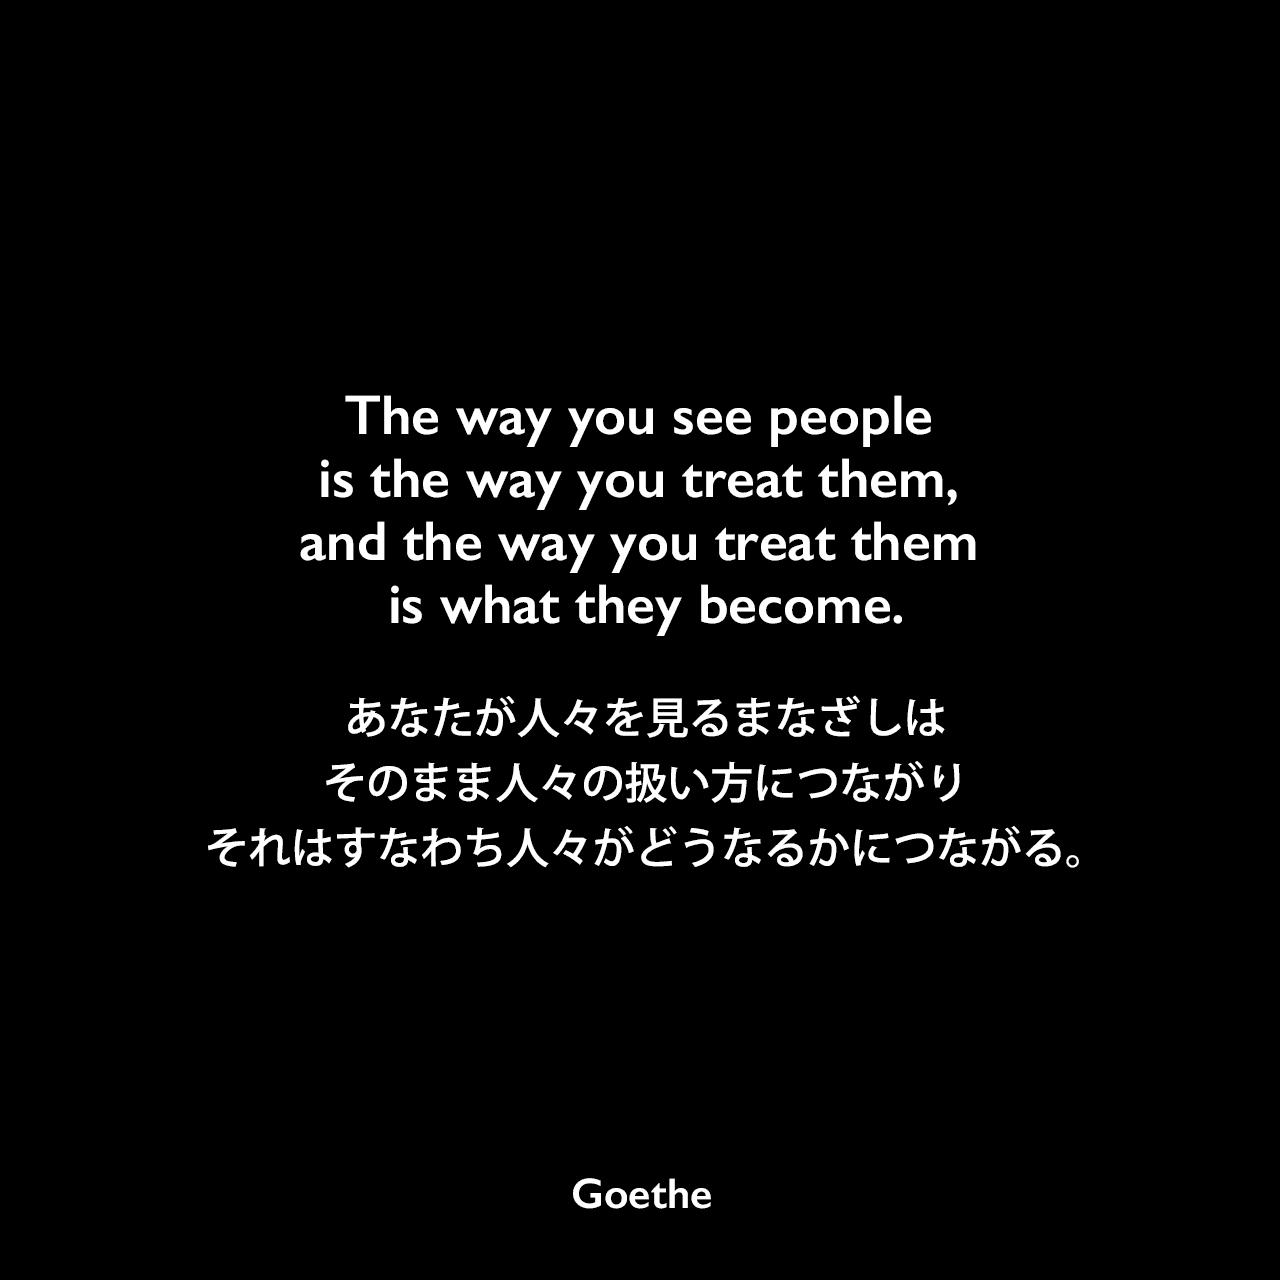 The way you see people is the way you treat them, and the way you treat them is what they become.あなたが人々を見るまなざしは、そのまま人々の扱い方につながり、それはすなわち人々がどうなるかにつながる。Johann Wolfgang von Goethe